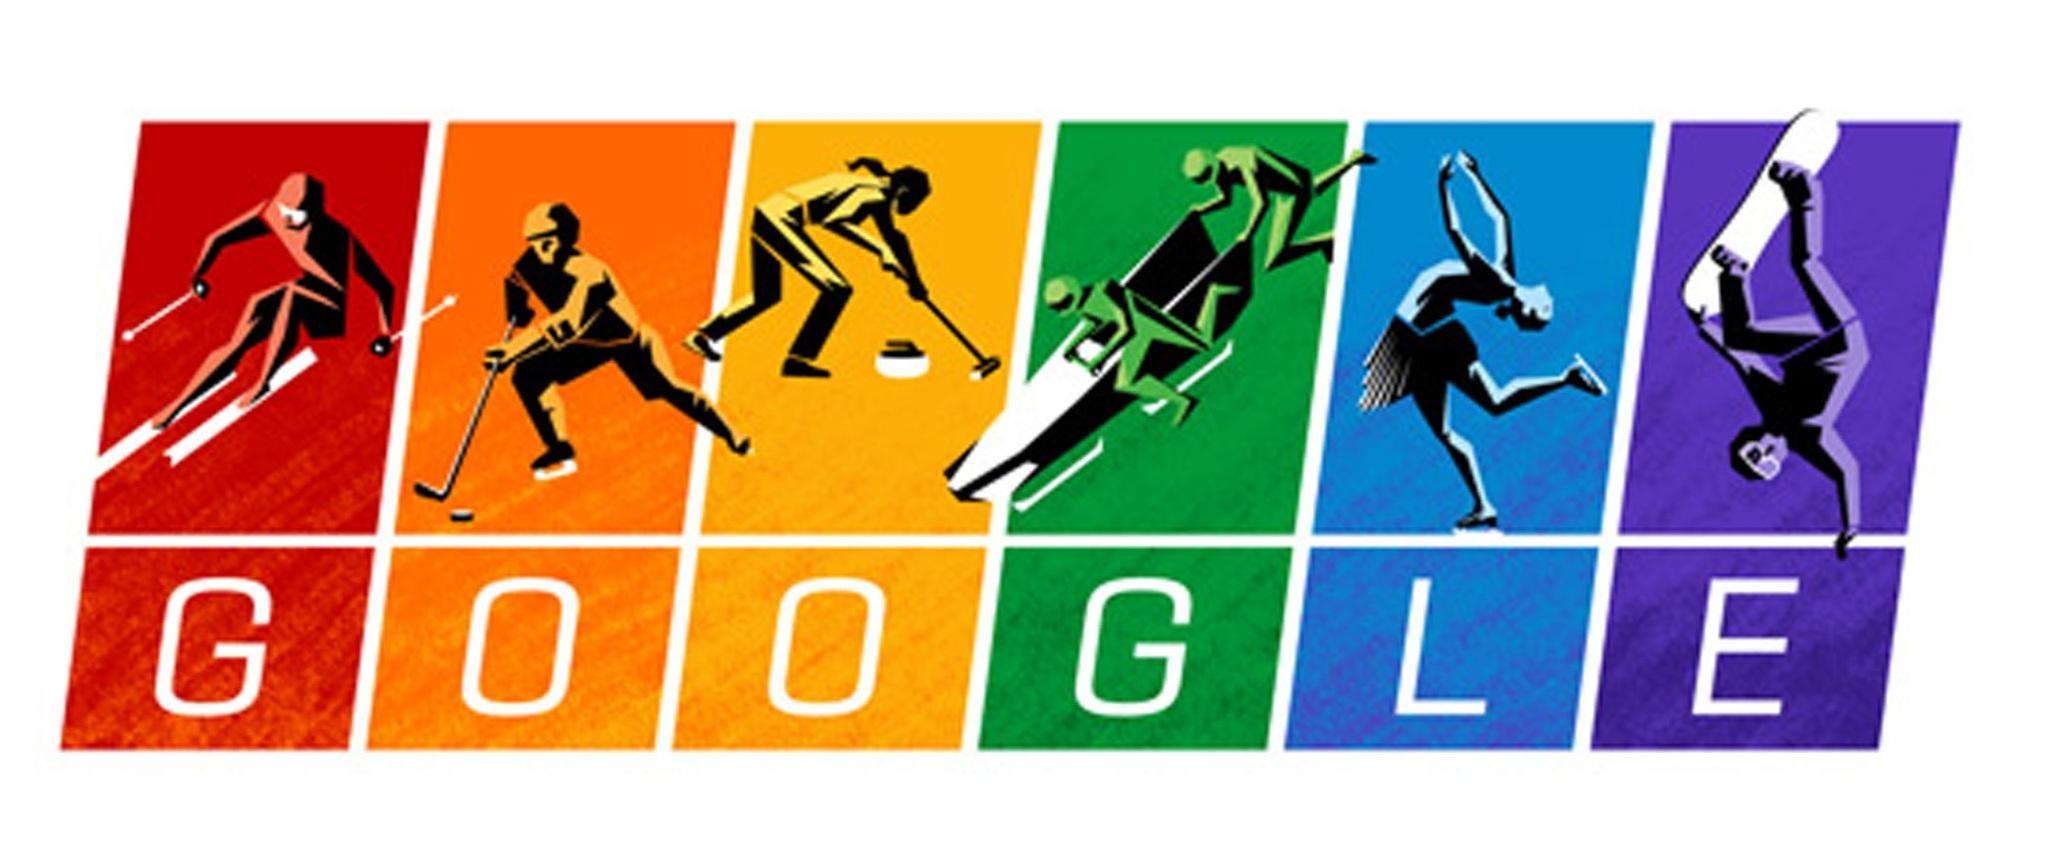 டூடுல்கள் Winter Olympics 2014